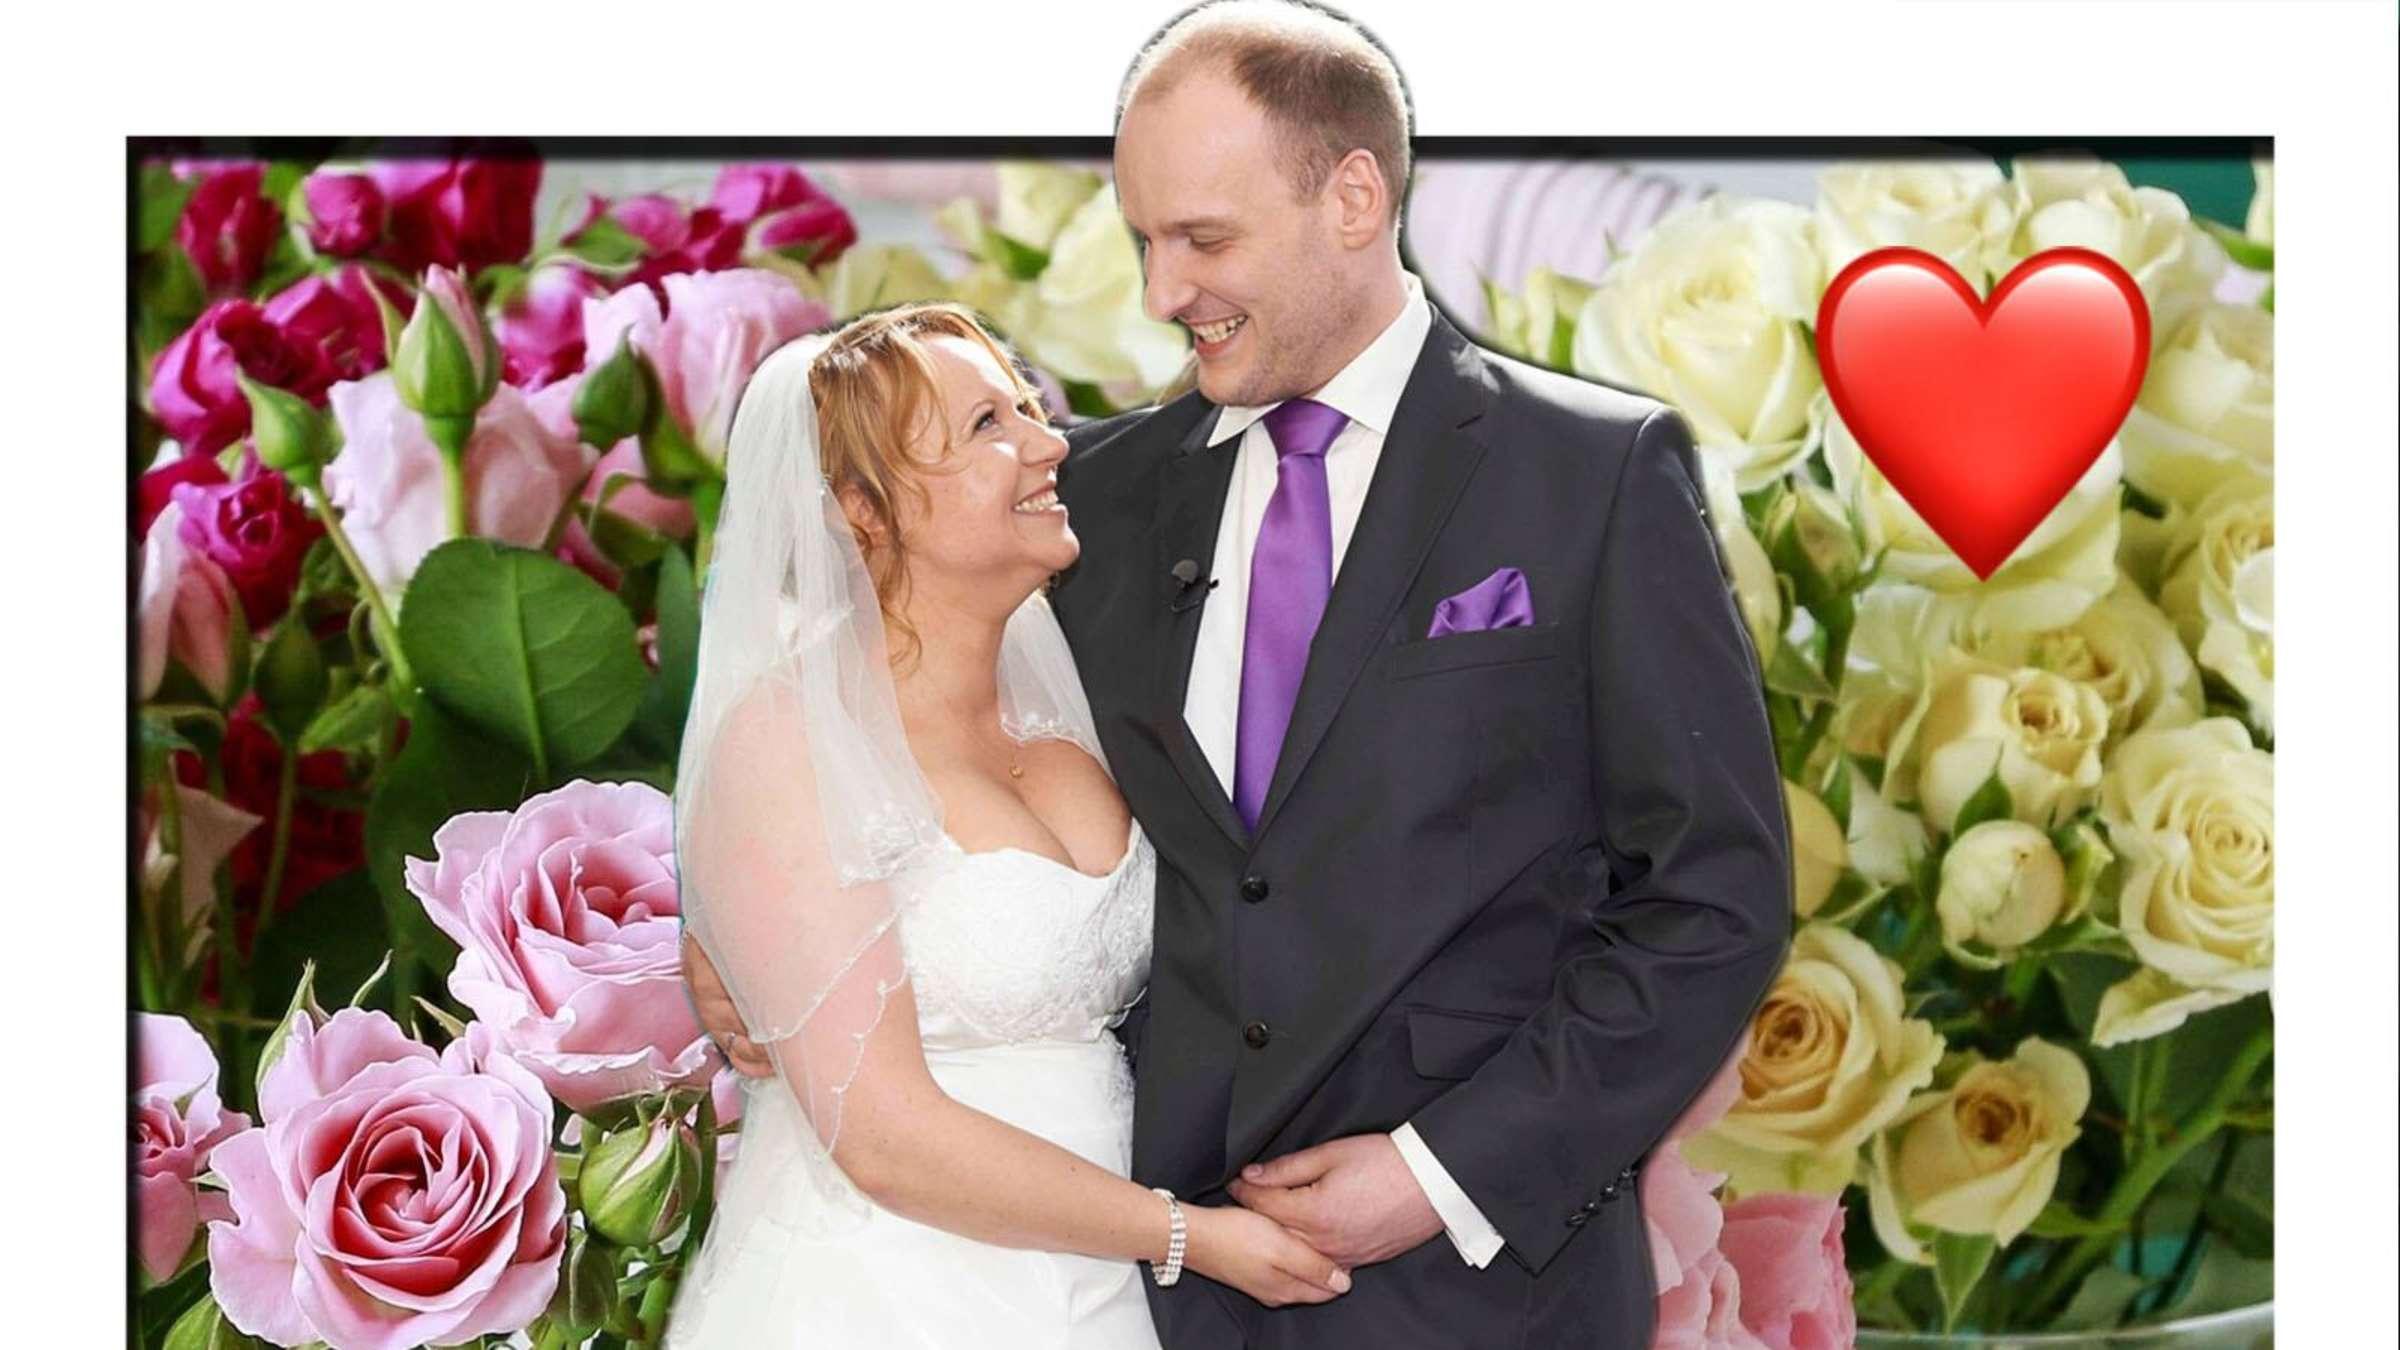 Diese Hochzeit Auf Den Ersten Blick Paare Sind Noch Zusammen Nachwuchs Unterwegs Tv